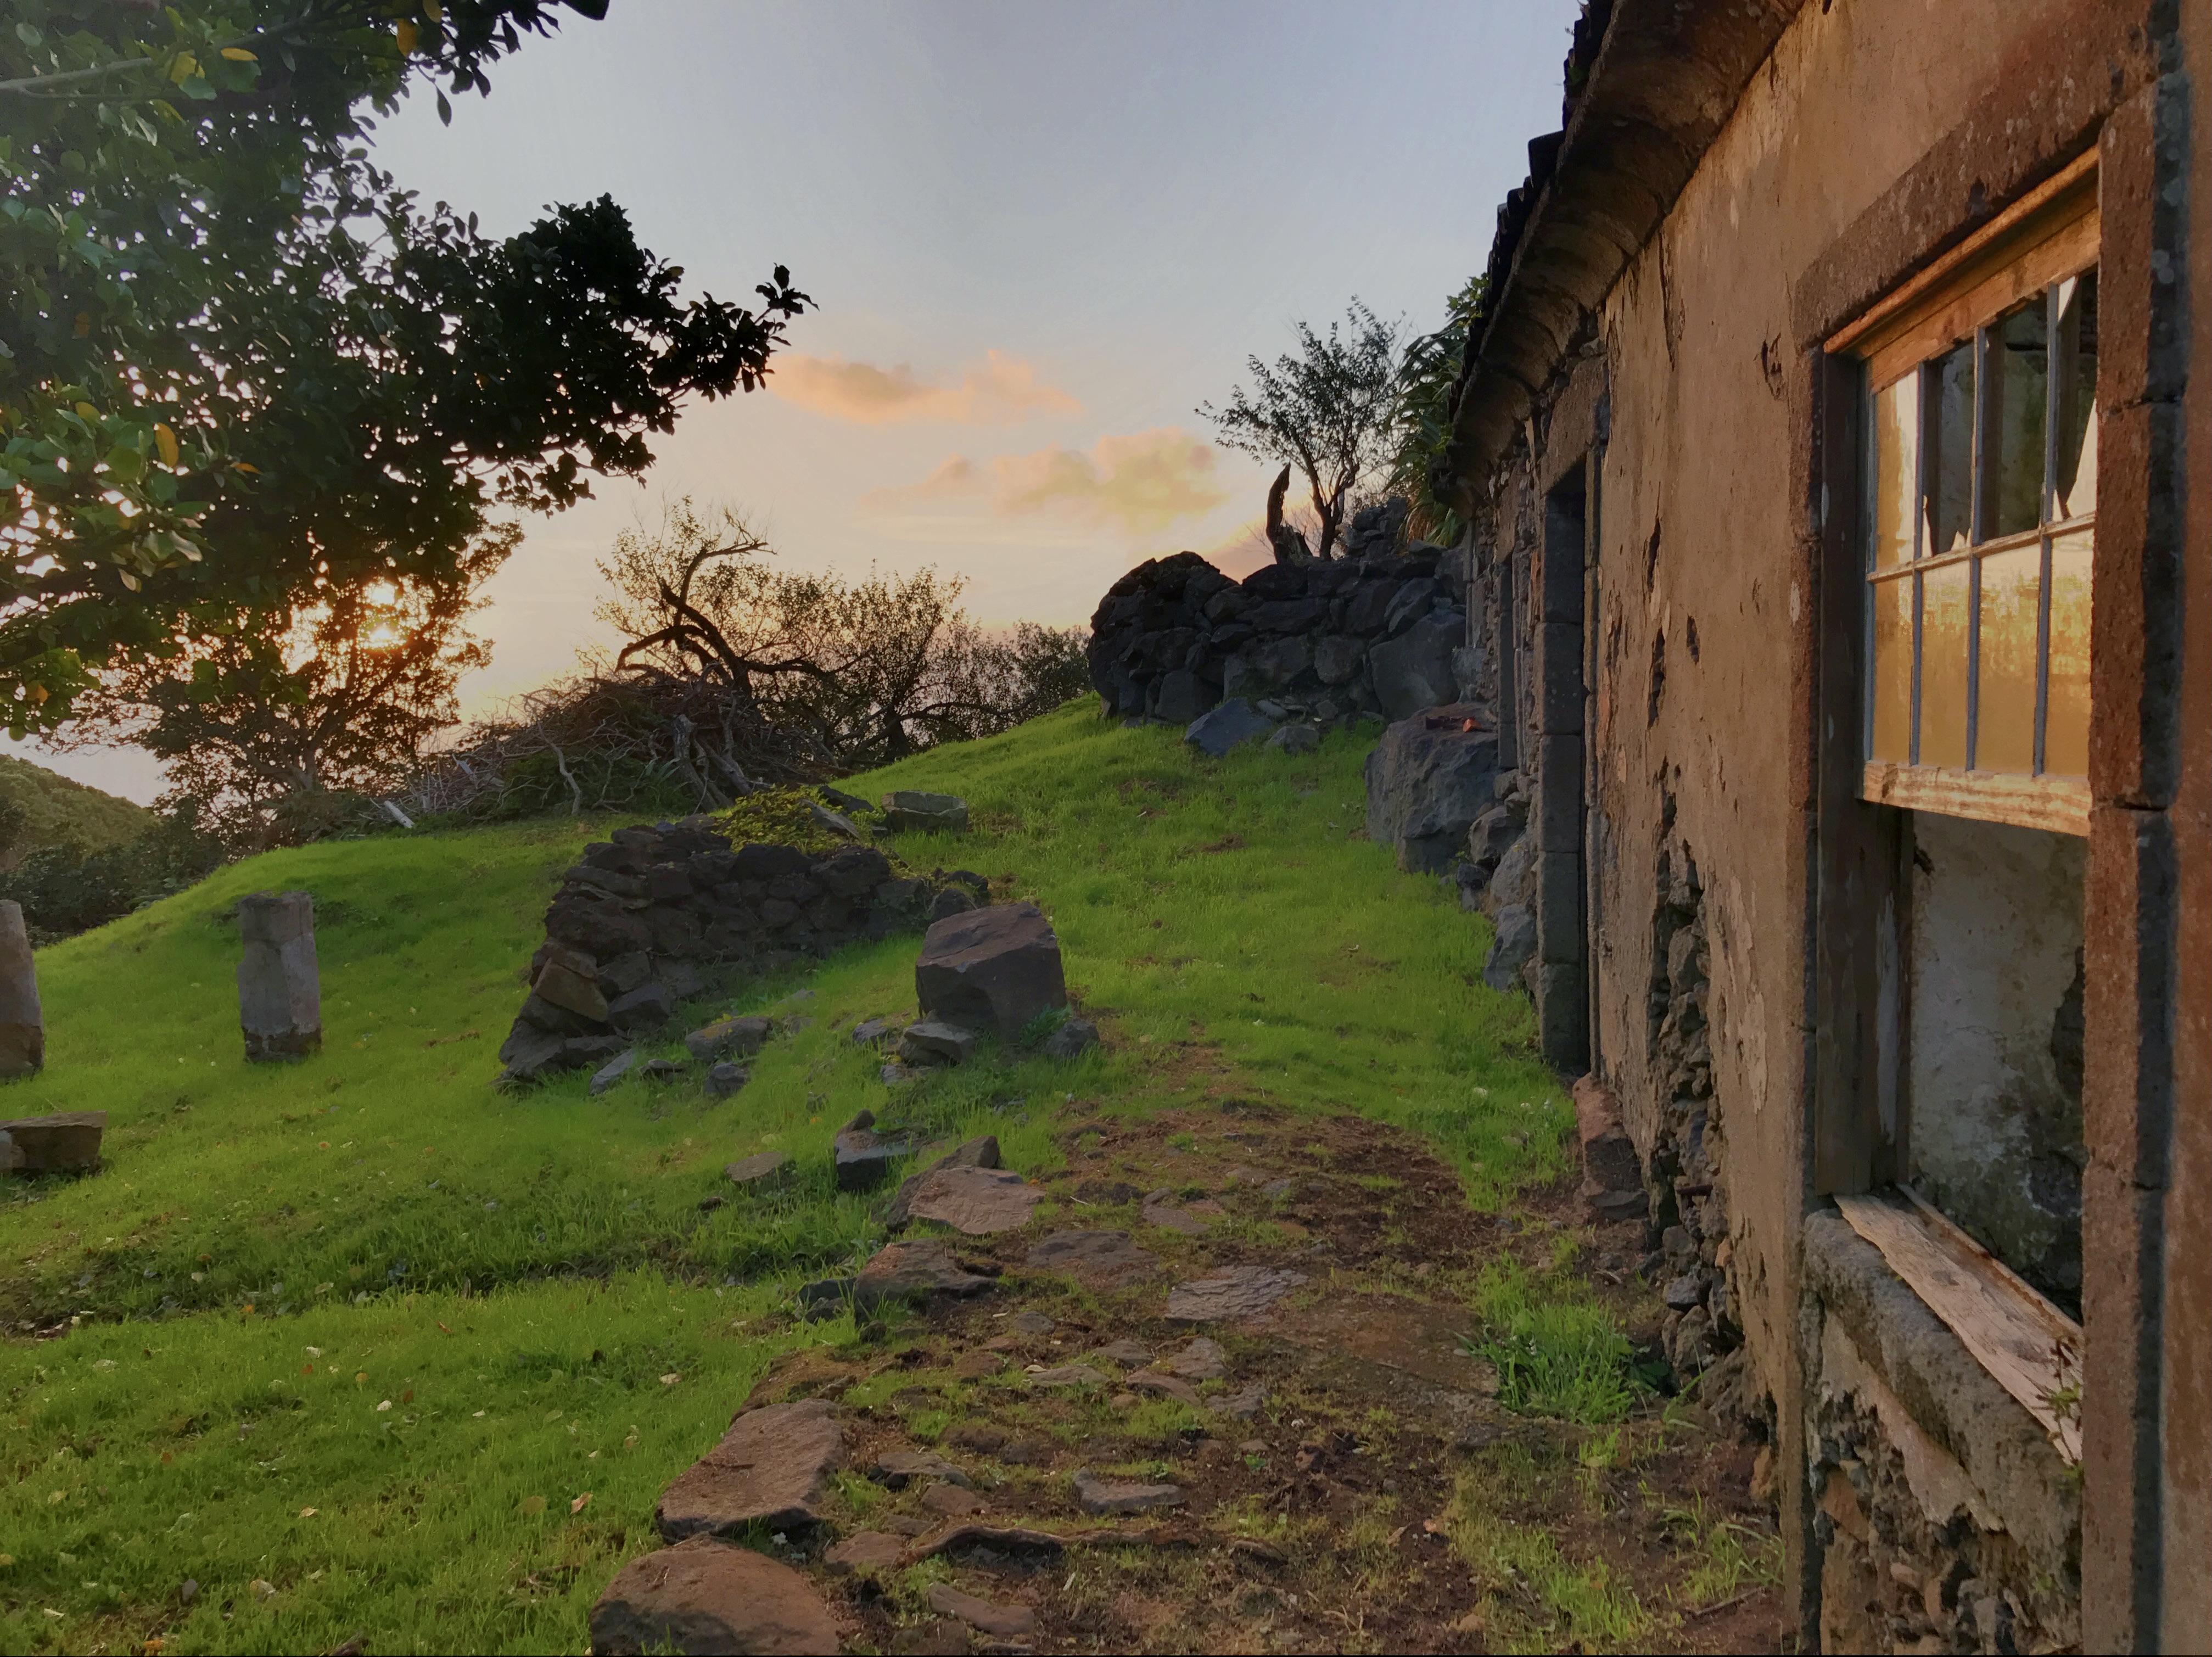 Casa da Ganhoa at sunset